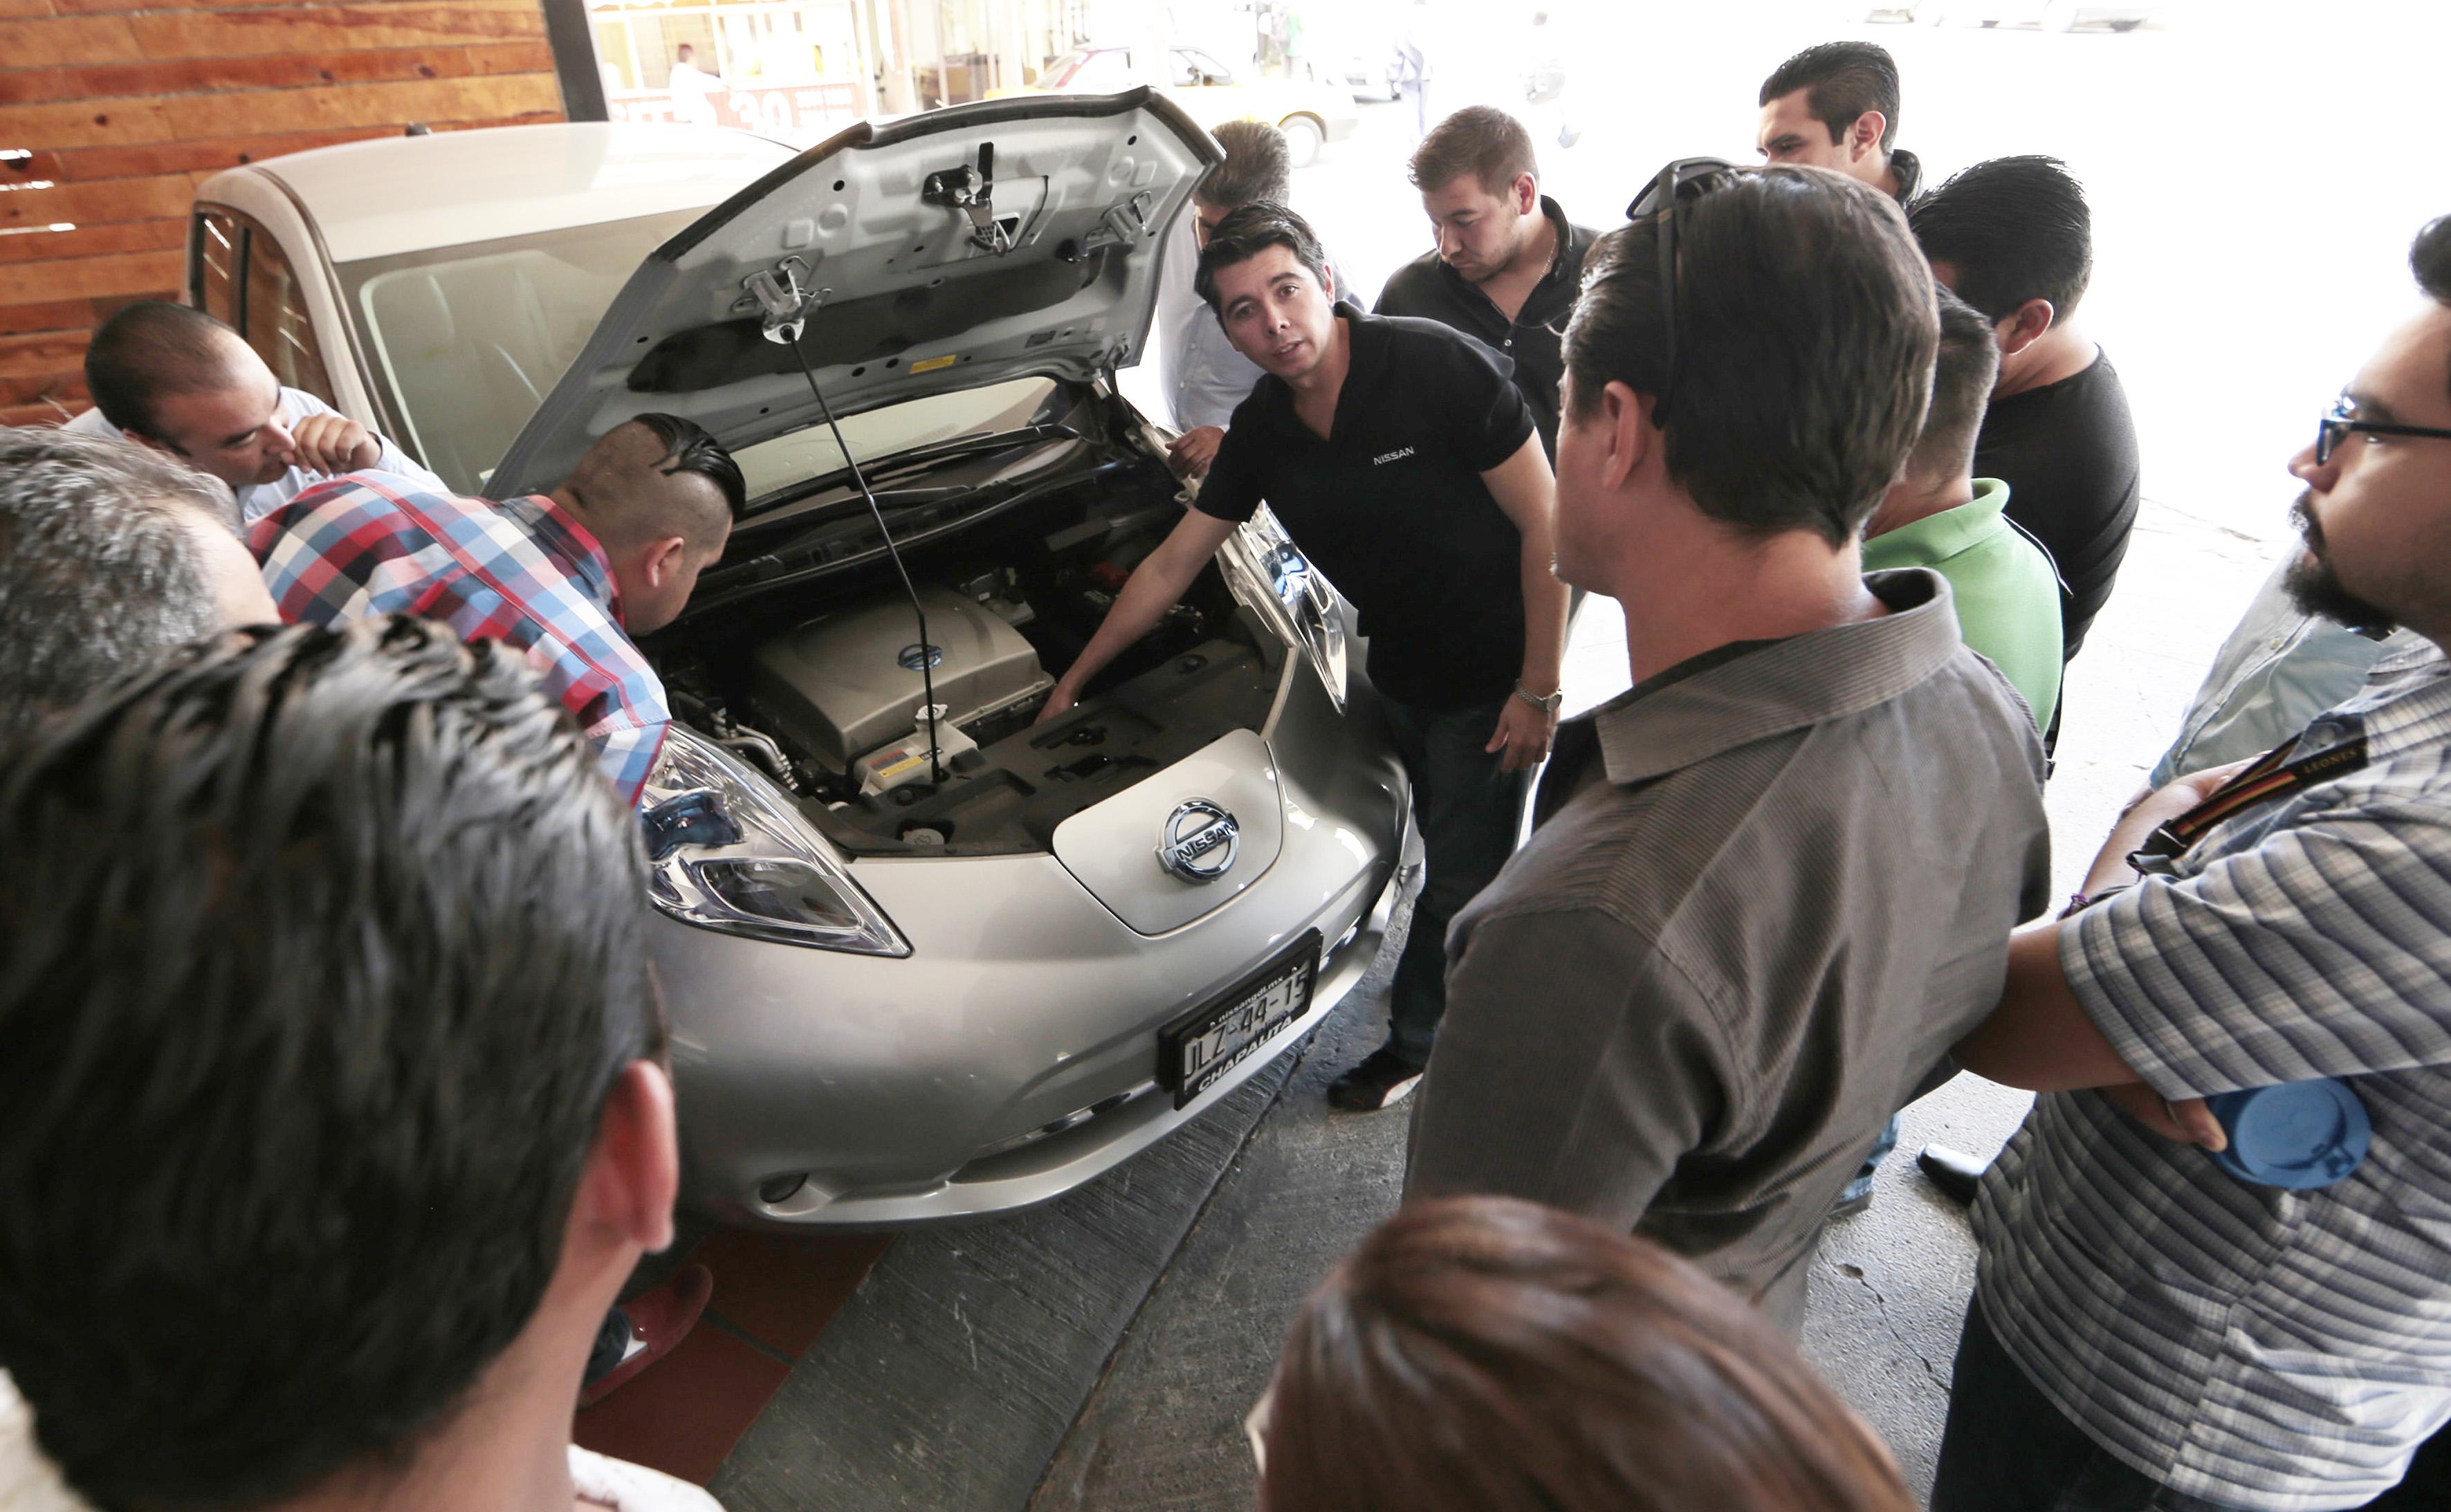 Piloto de la Nissan, experto en el modelo Leaf; explicando el mecanismo de funcionamiento de sus vehículos eléctricos, mientras muestra las partes internas del mismo.